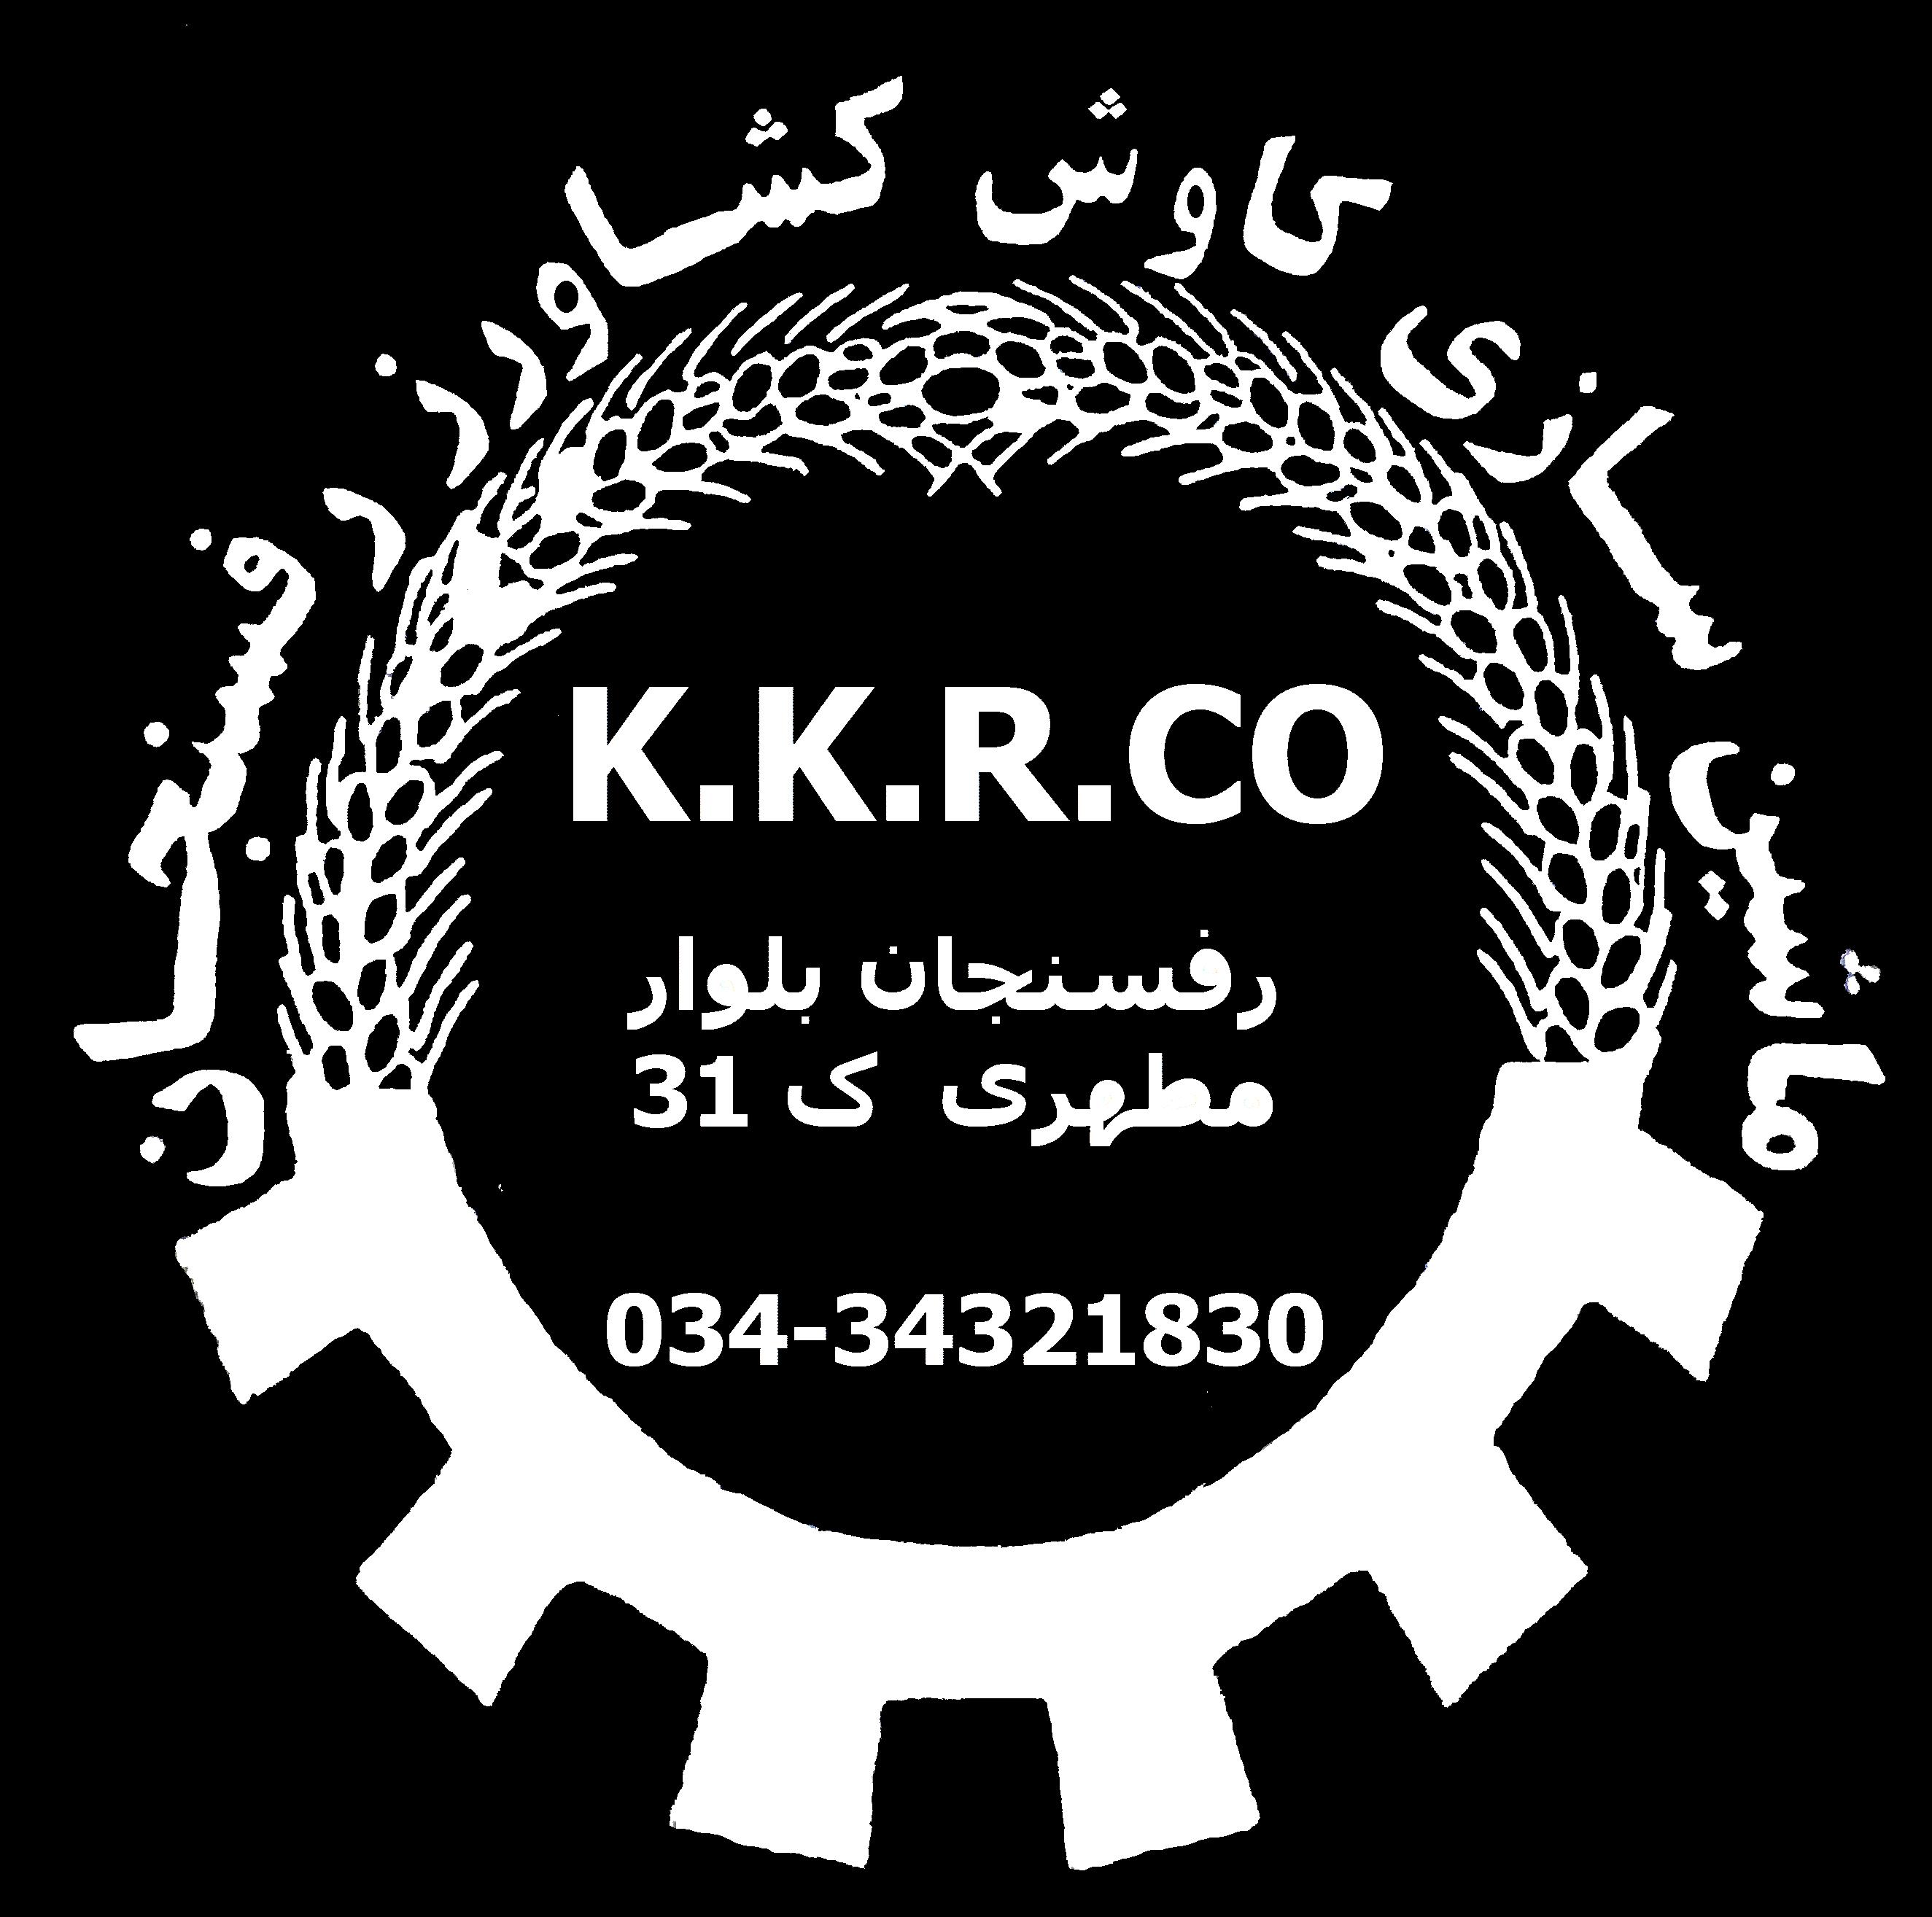 ماشین سازی کاوش کشاورز رفسنجان | روتیواتور 36 تیغه کشویی هیدرولیکی